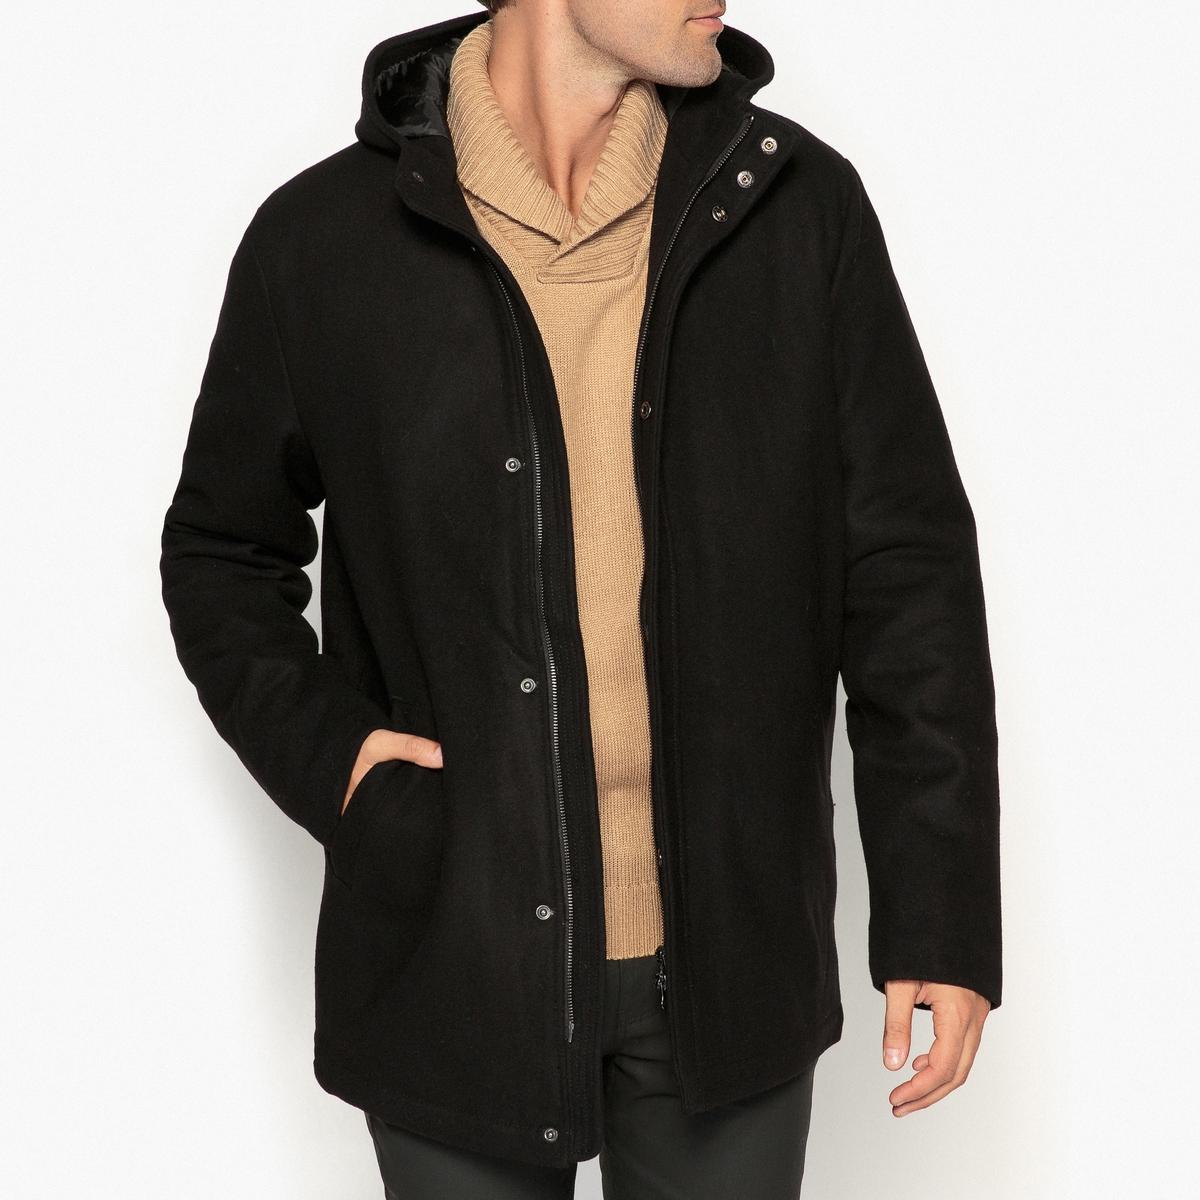 Парка средней длины из смесового шерстяного материала пальто из шерстяного драпа 70